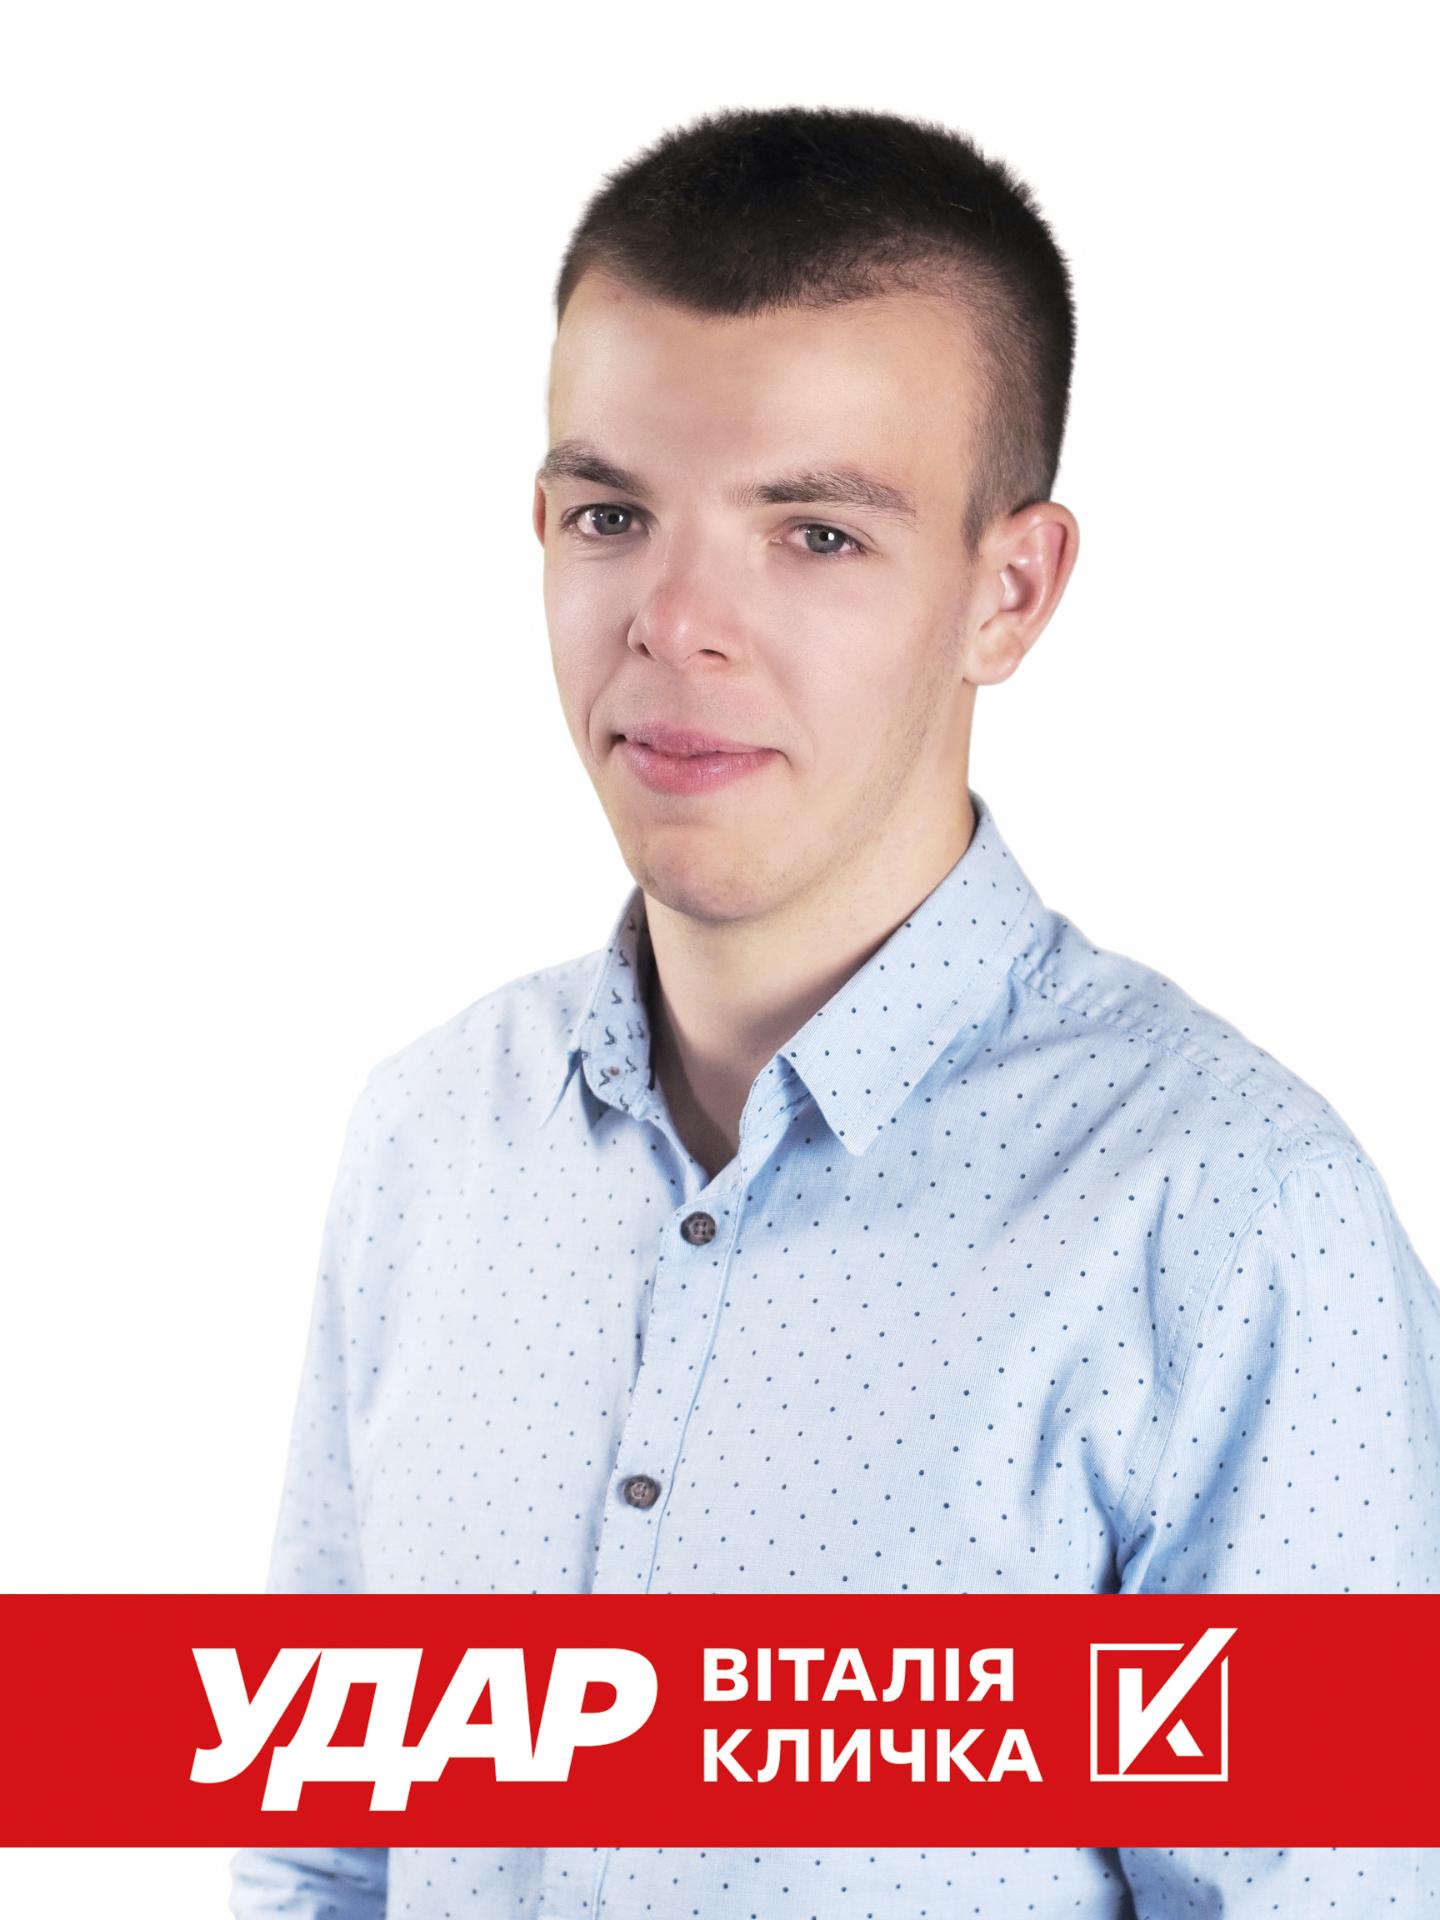 Шкіль Дмитро Анатолійович